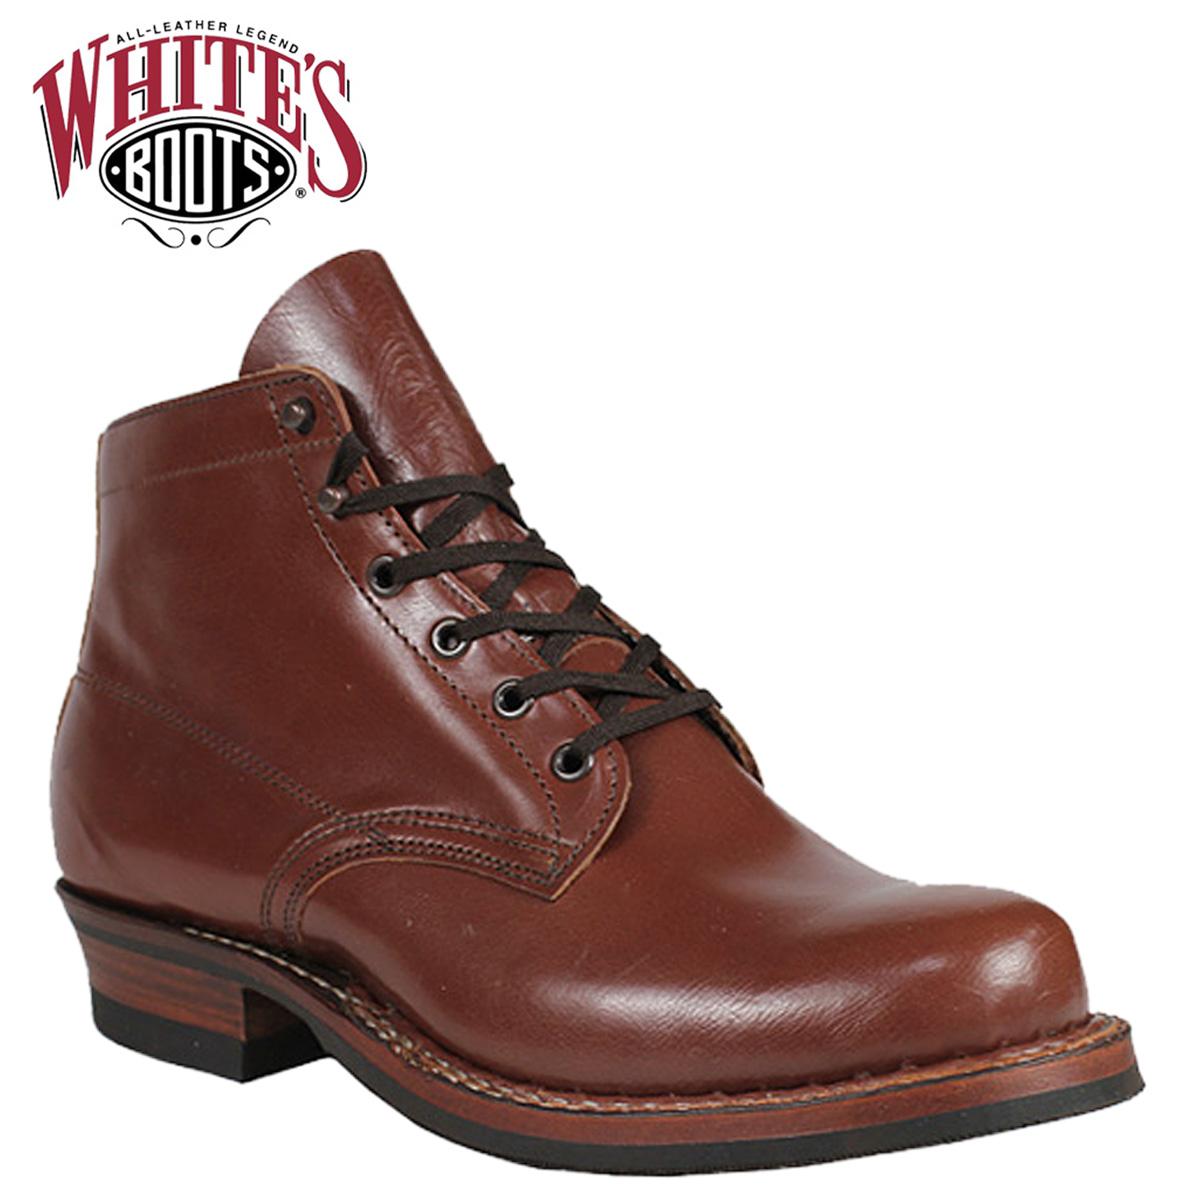 ホワイツブーツ WHITE'S BOOTS セミドレス 5INCH AMERICANA SEMIDRESS 2332W Eワイズ メンズ